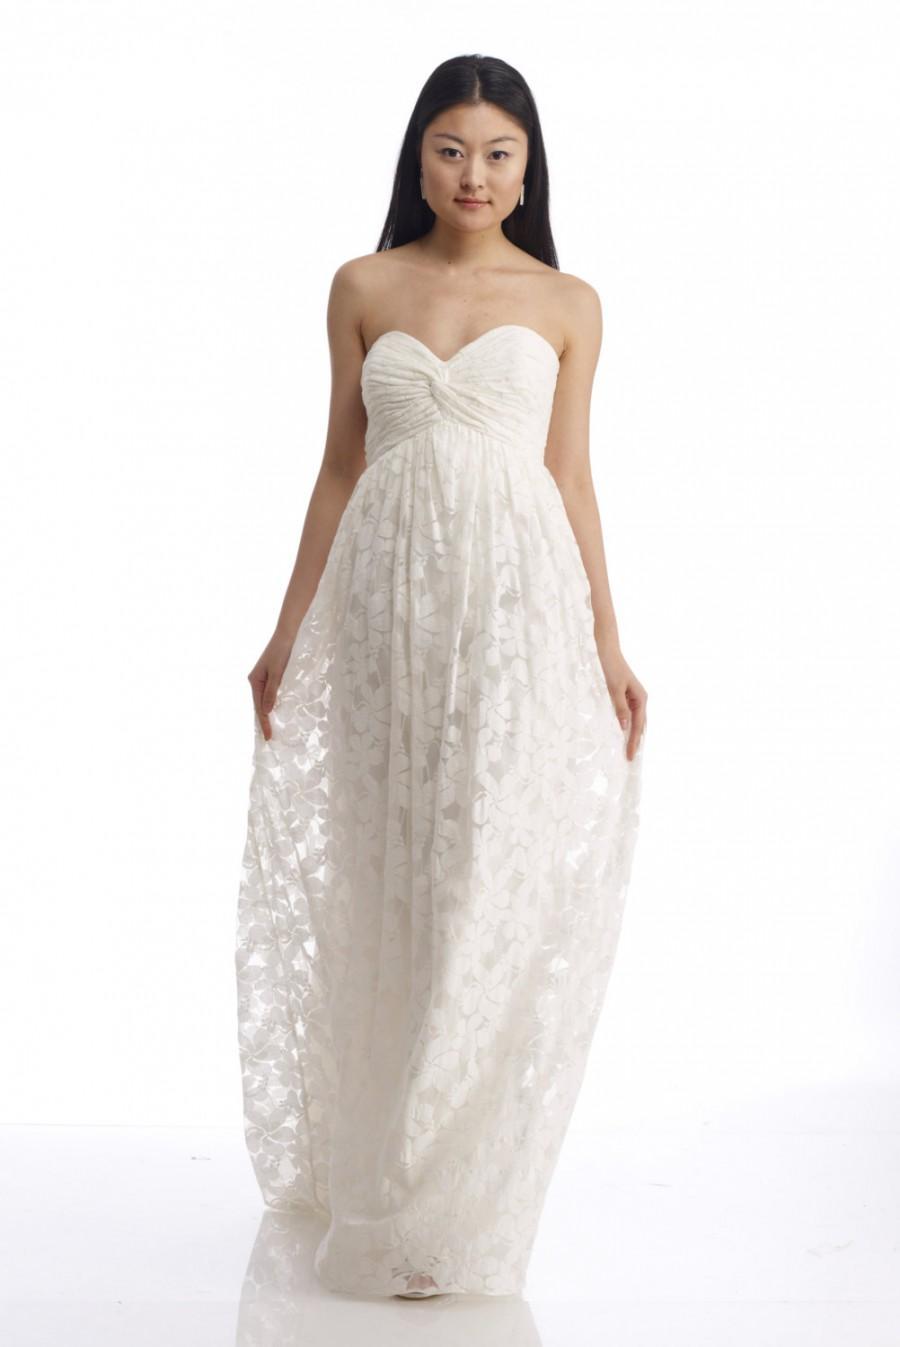 Mariage - BROOKLYN - Bridal wedding gown